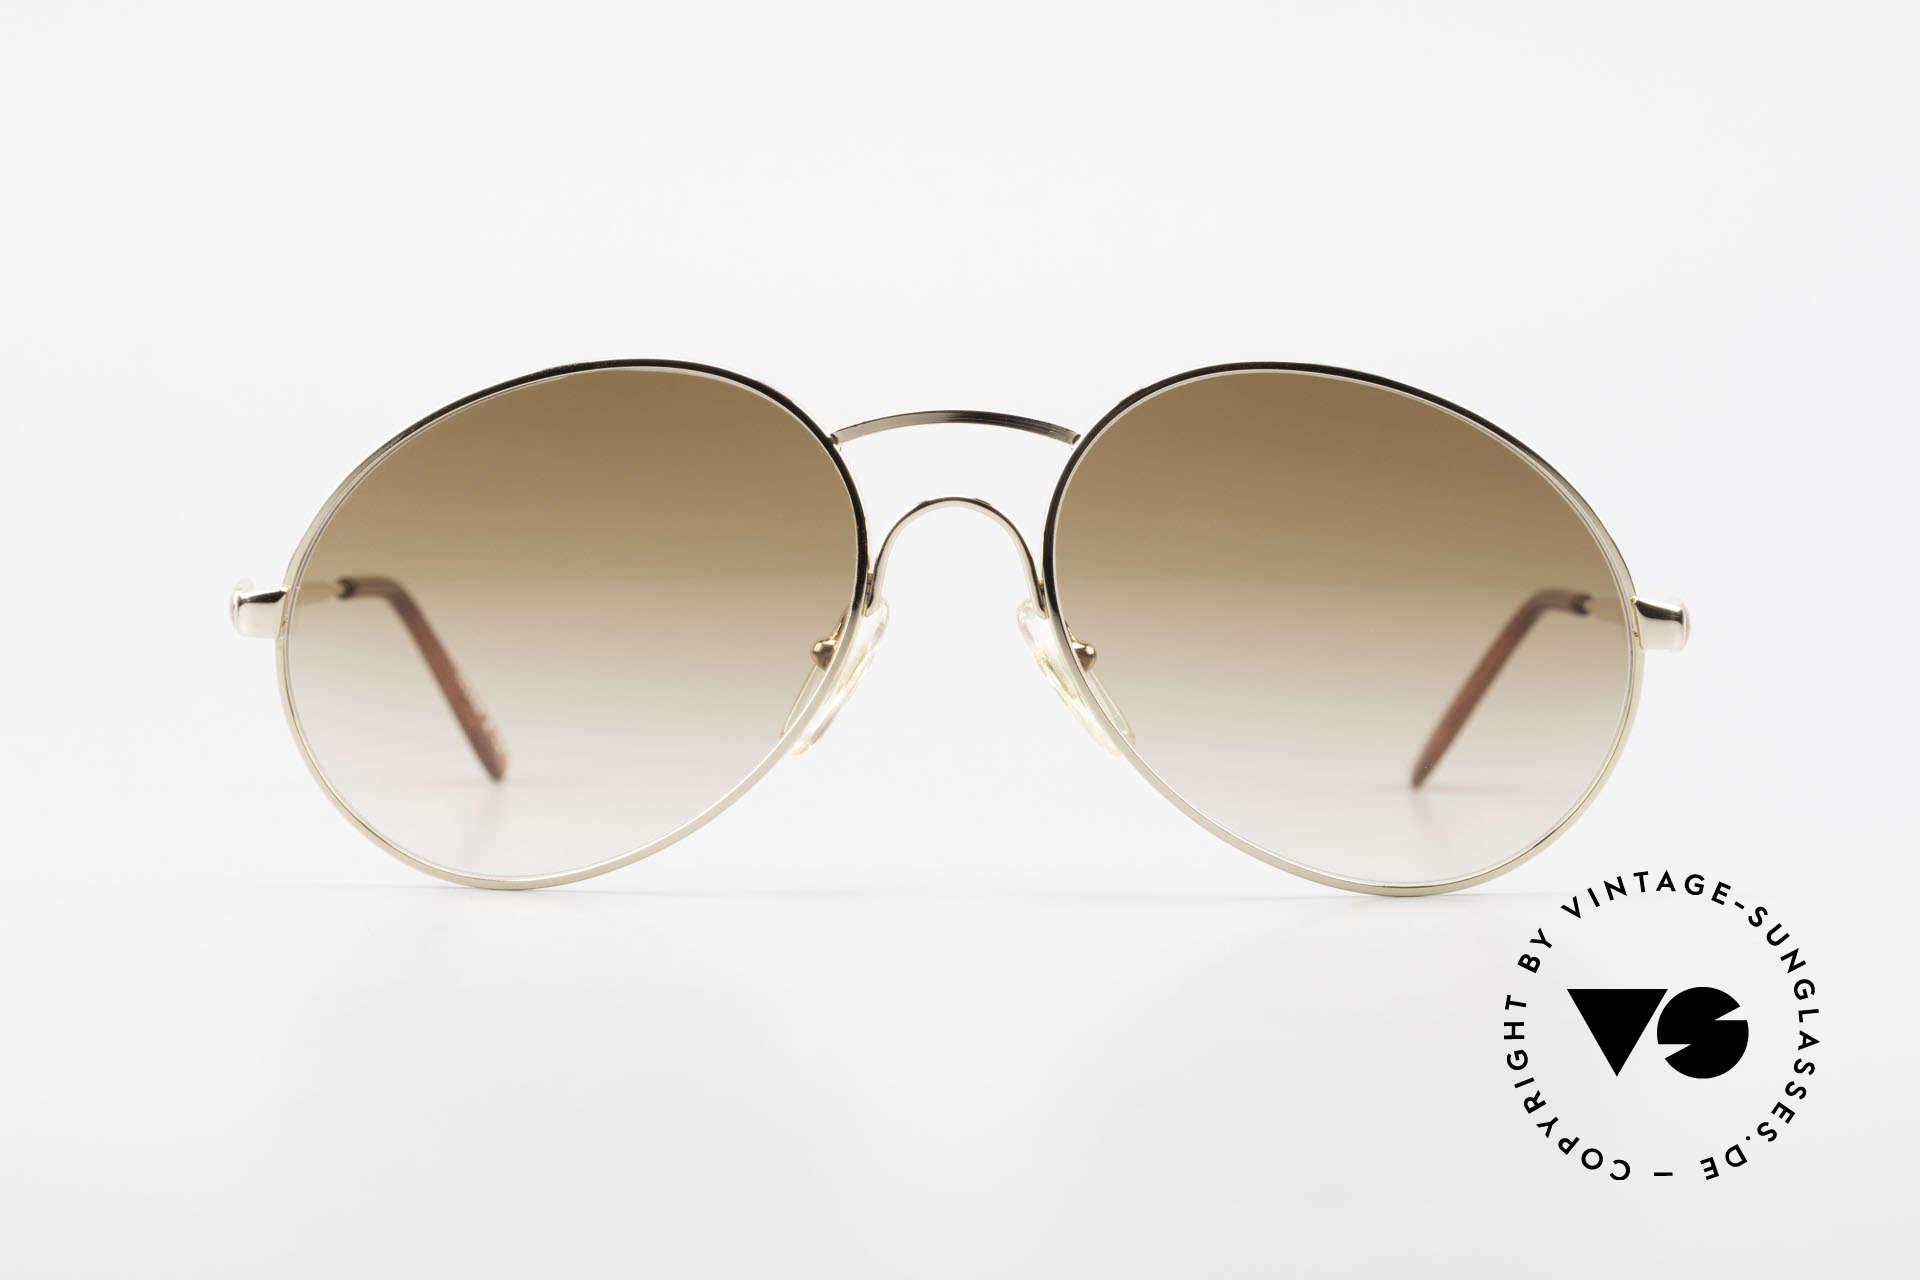 Bugatti 64947 Original 80er XL Sonnenbrille, höchste Qualität & beste Passform (made in France), Passend für Herren